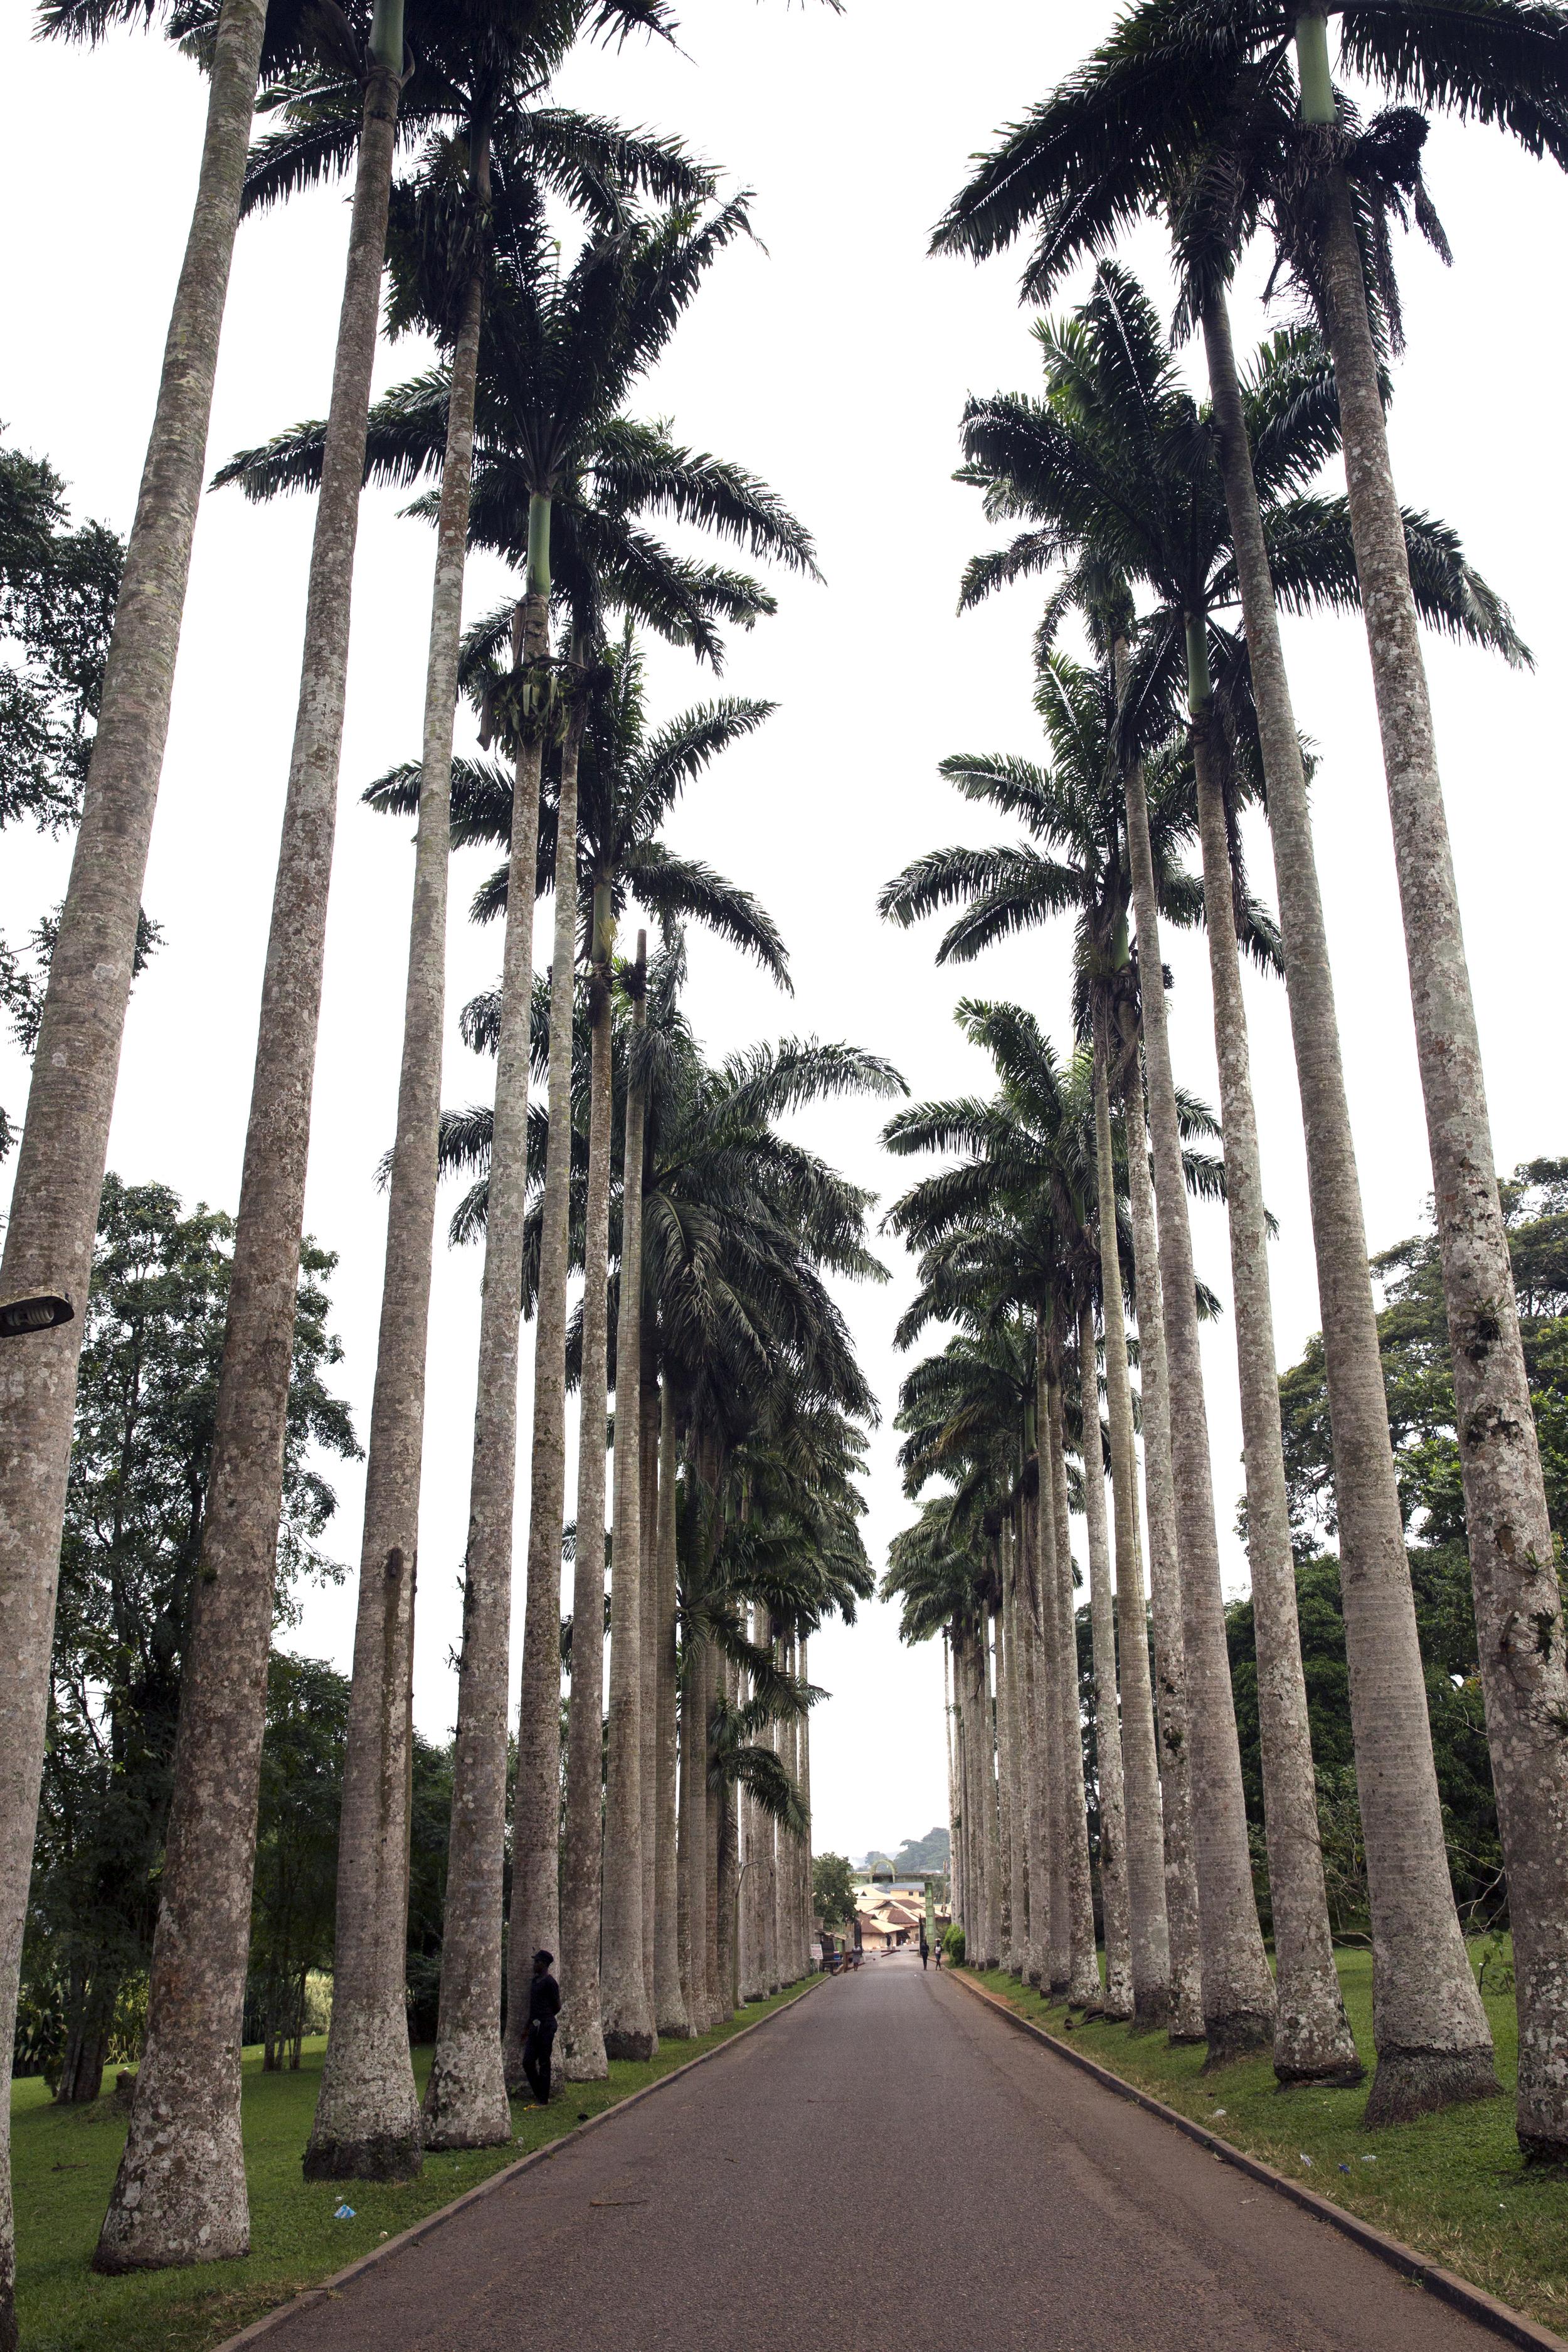 The entrance to the Aburi Gardens.